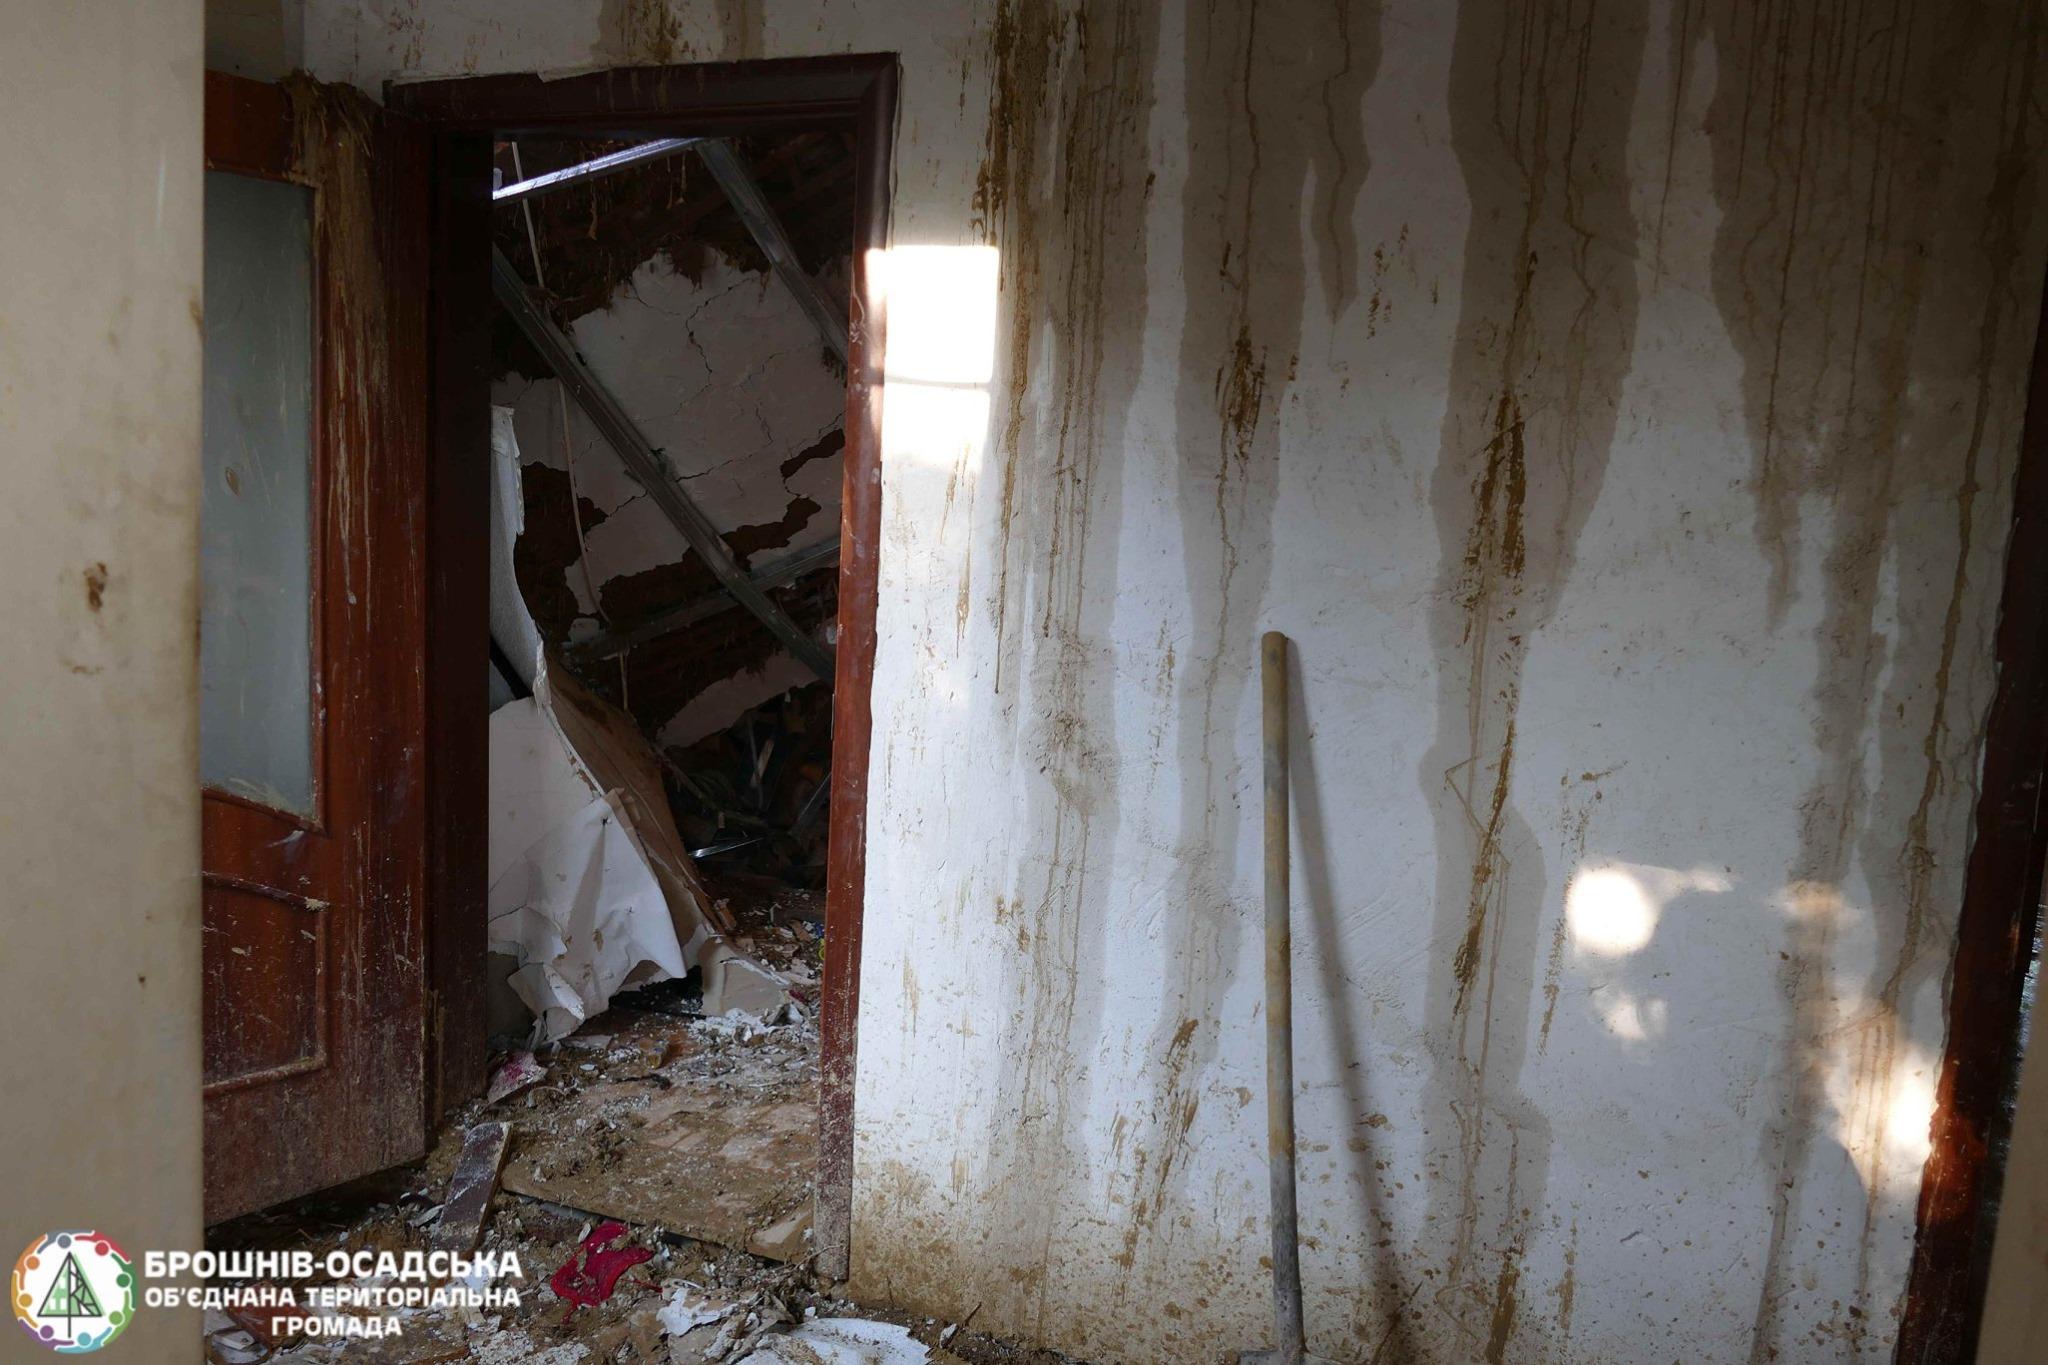 Через стихію родина у Брошнів-Осадській ОТГ залишилася без даху над головою 3